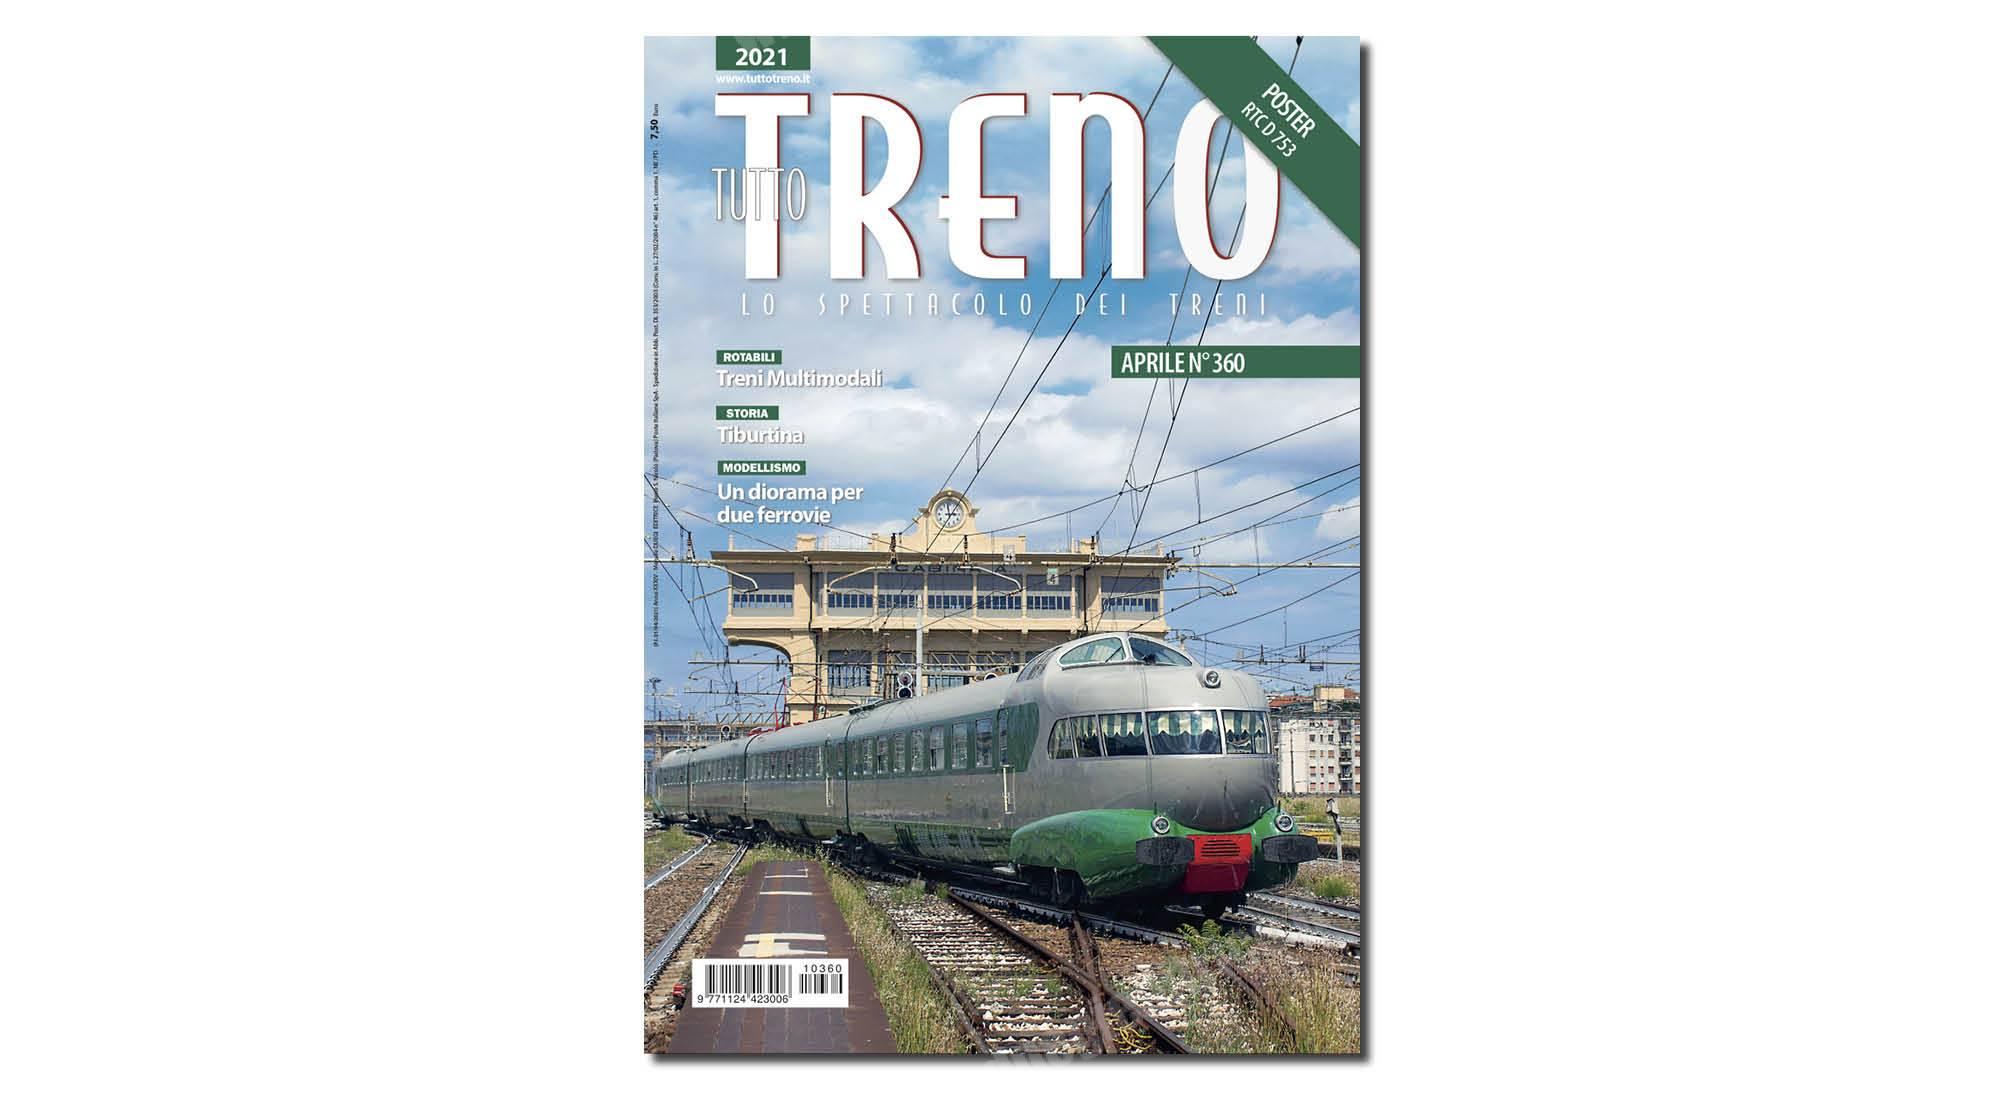 tT360-copertina_ok